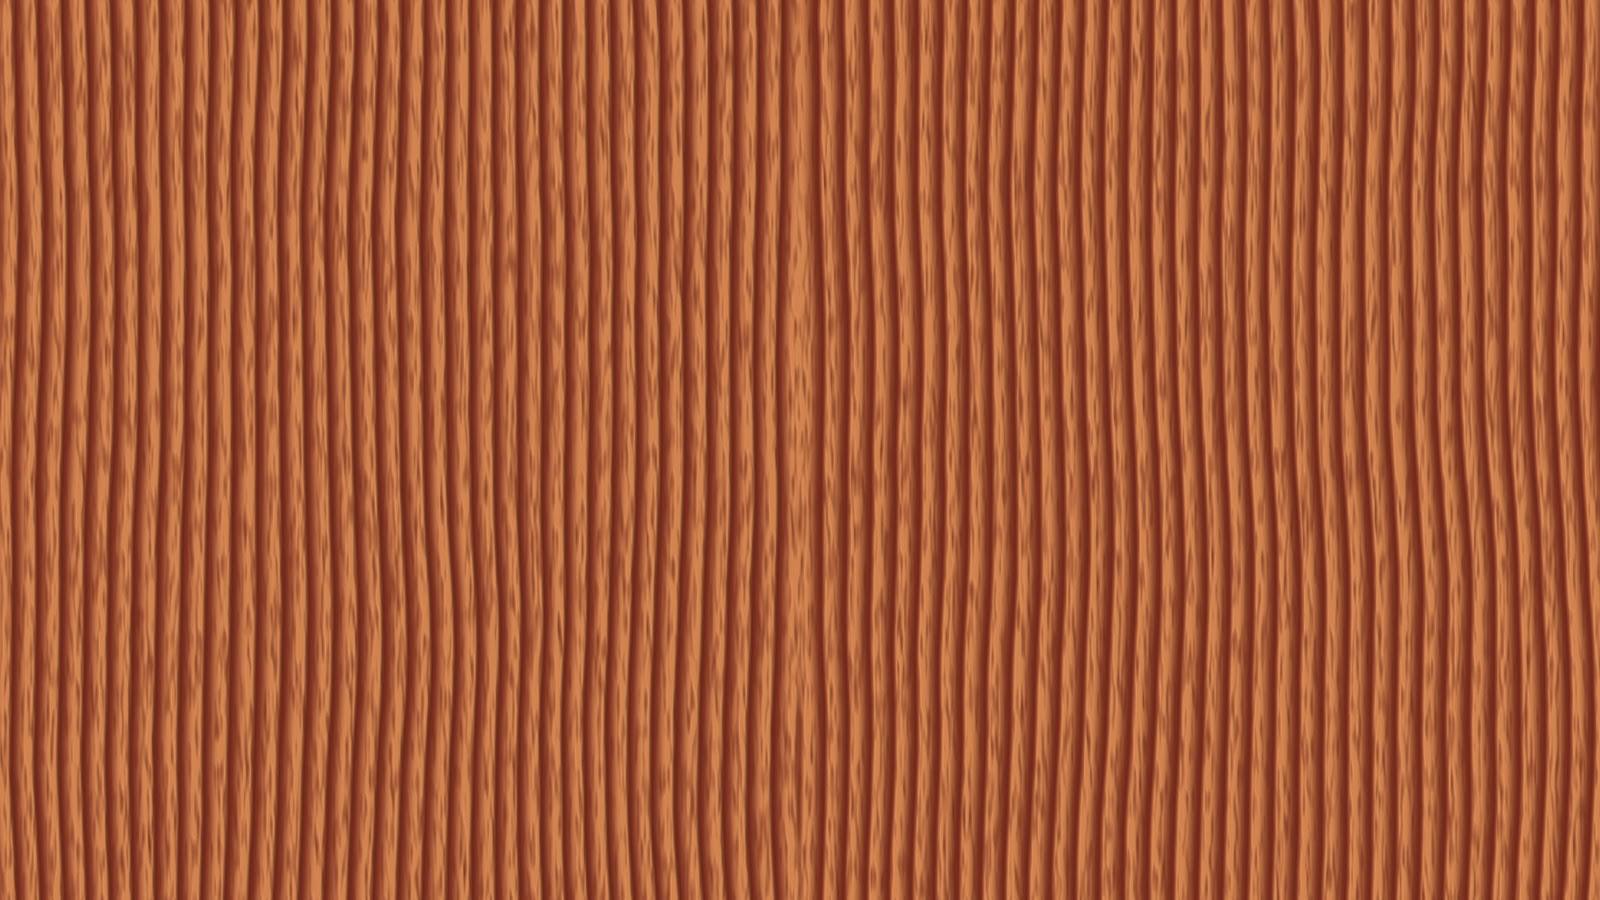 houten achtergronden hd - photo #14